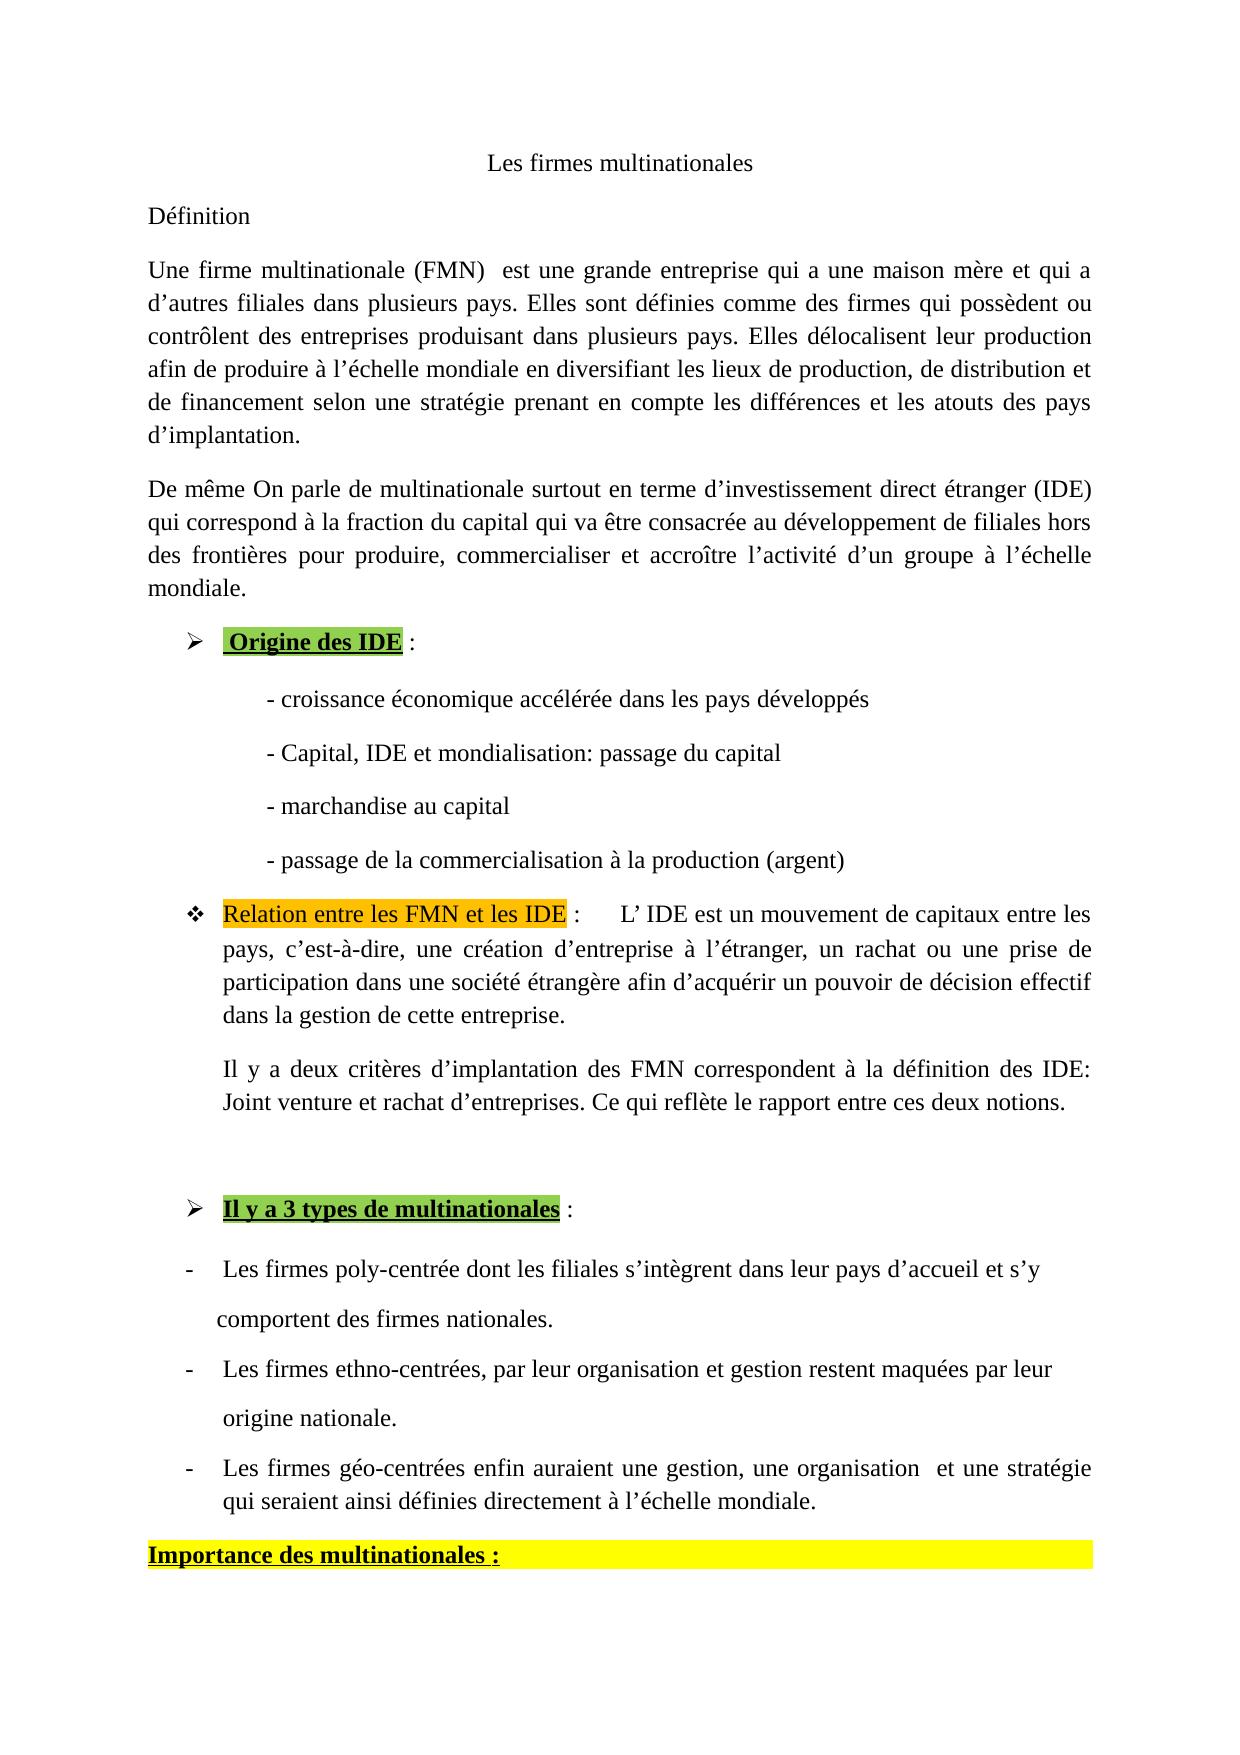 Les Firmes Multinationales Definition Une Firme